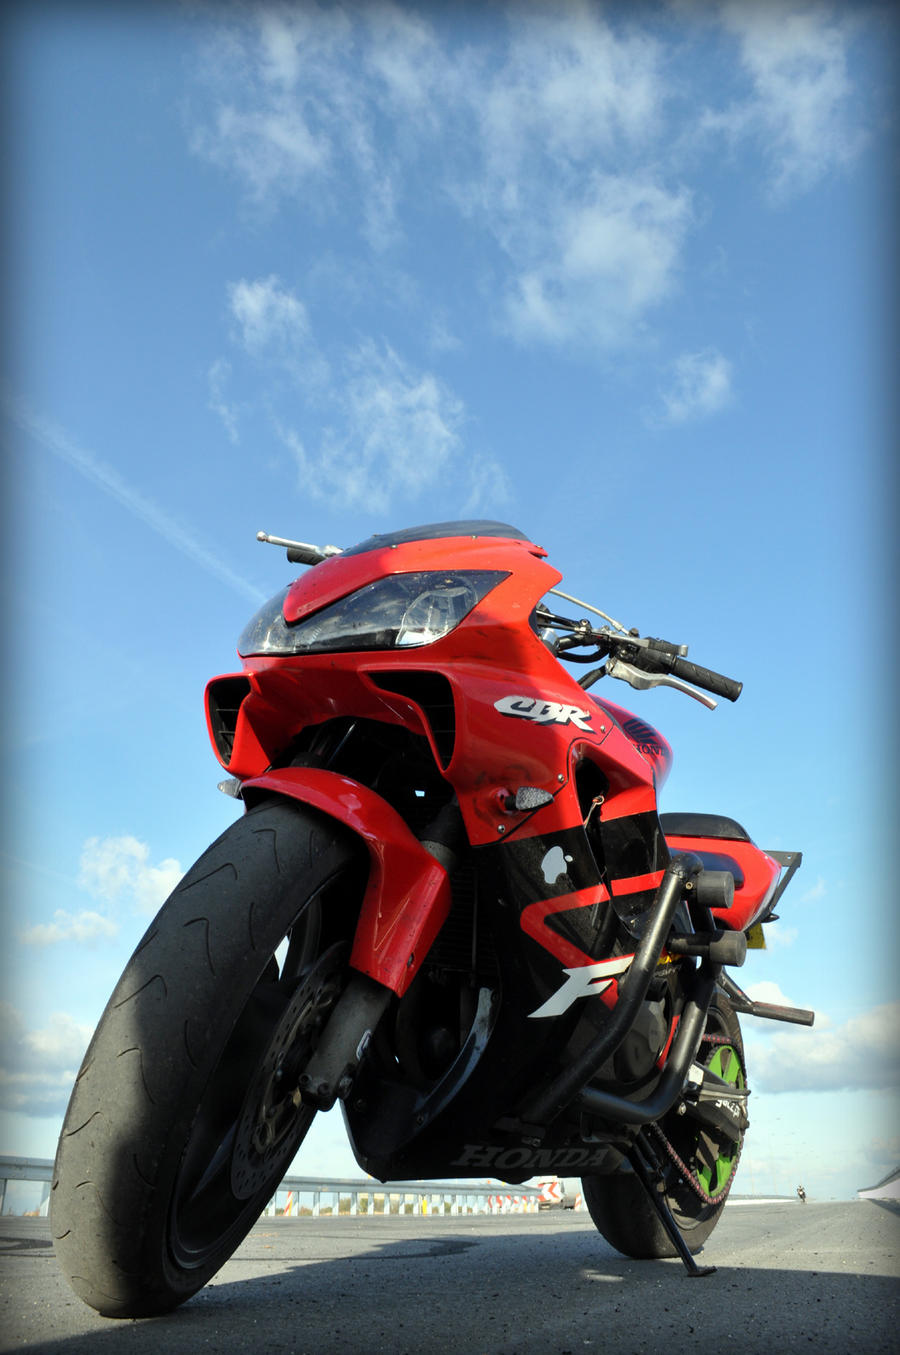 Stunt shots - 5 - Honda CBR by shaaaadow